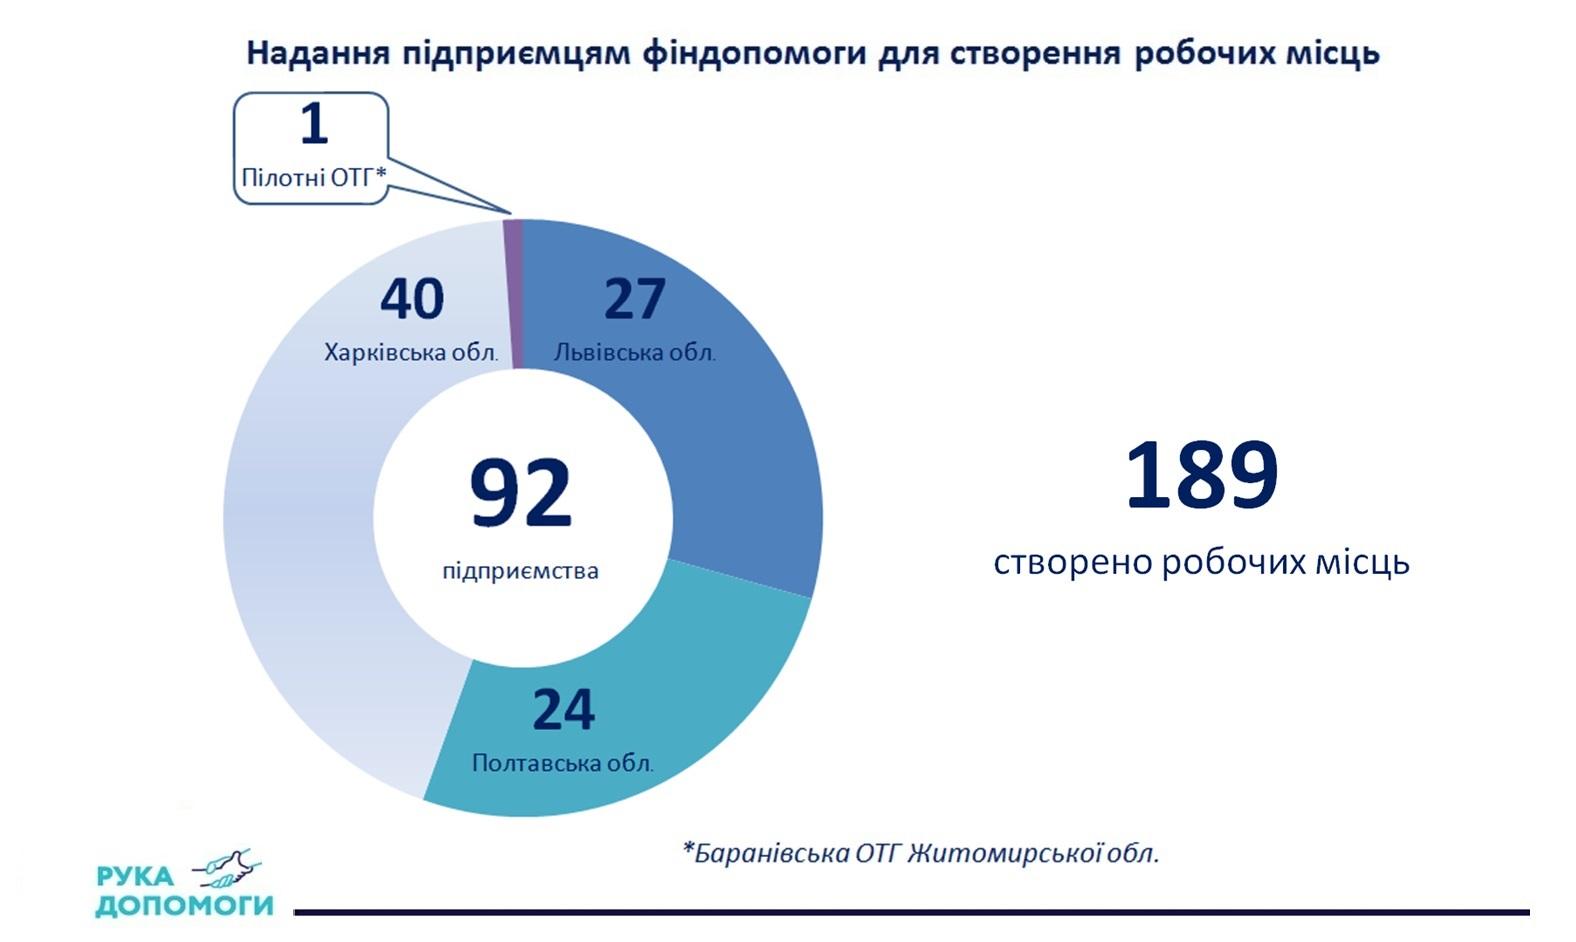 """Рука допомоги"""": цифри і факти, соціальний проект"""